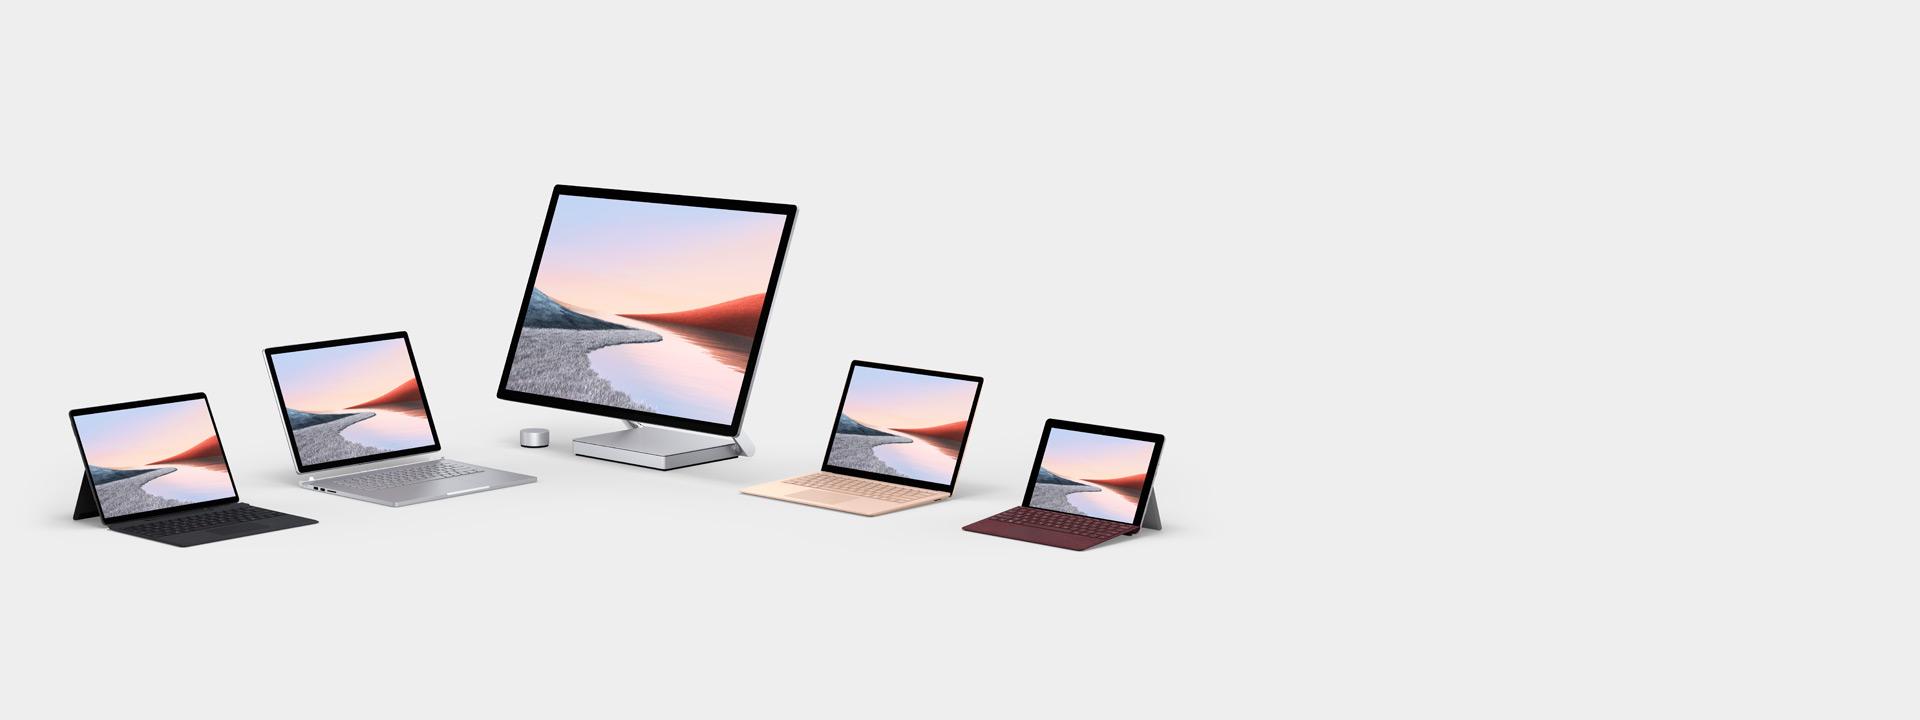 Image de plusieurs ordinateurs Surface